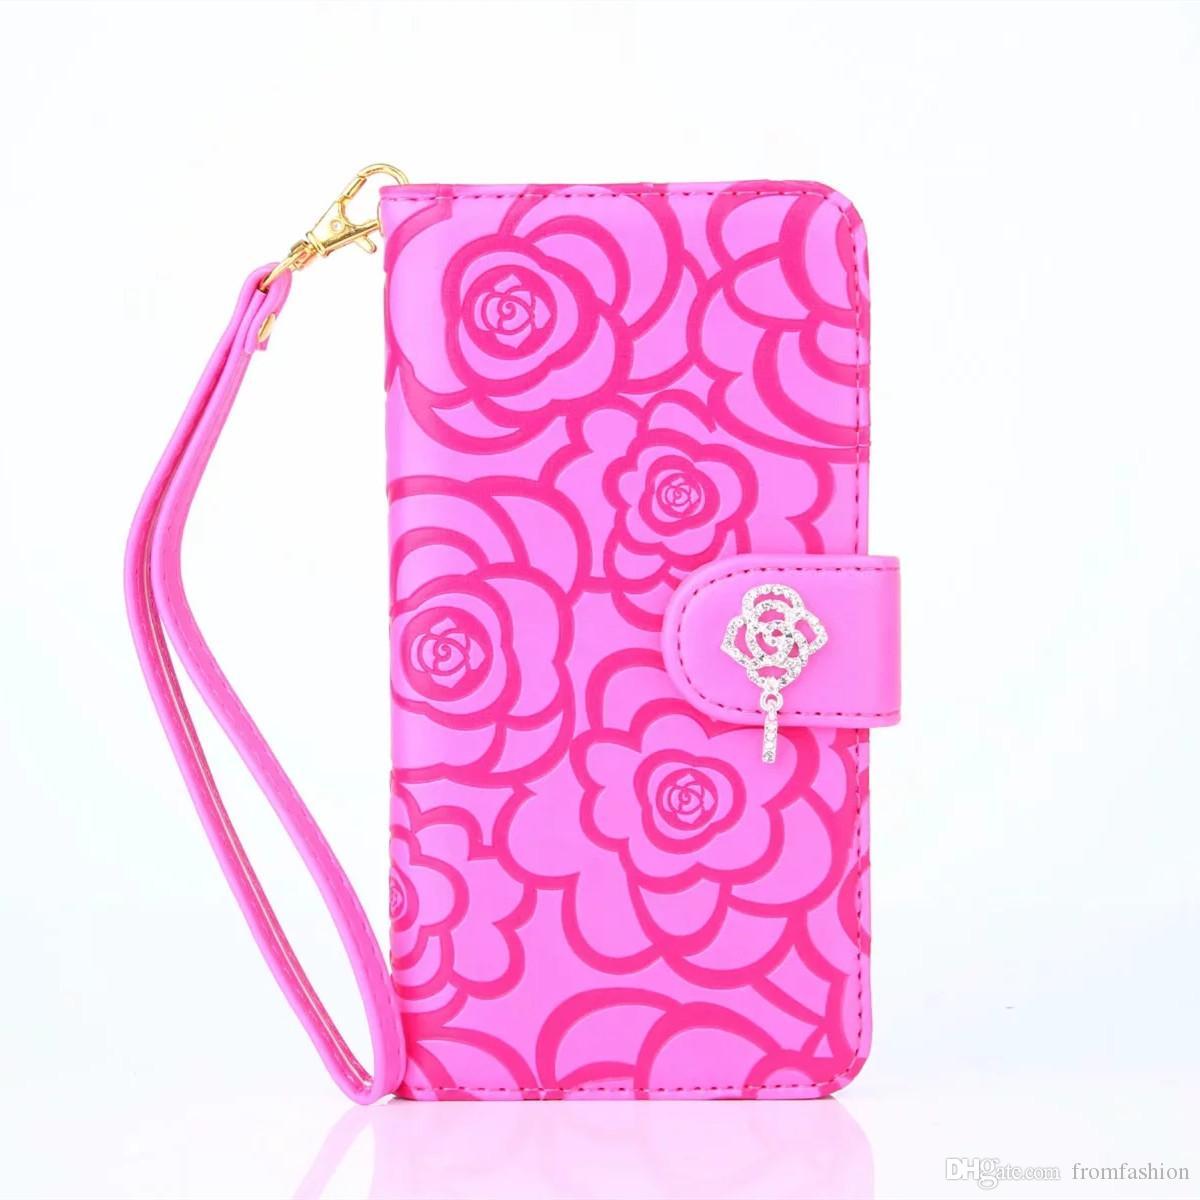 Diamant Kamelie Blume Flip Wallet Ledertasche für iPhone 11 Pro Max XS Max XR X 8 7 6 Plus Samsung Galaxy Note 10 9 8 S10E / 9/8 Plus